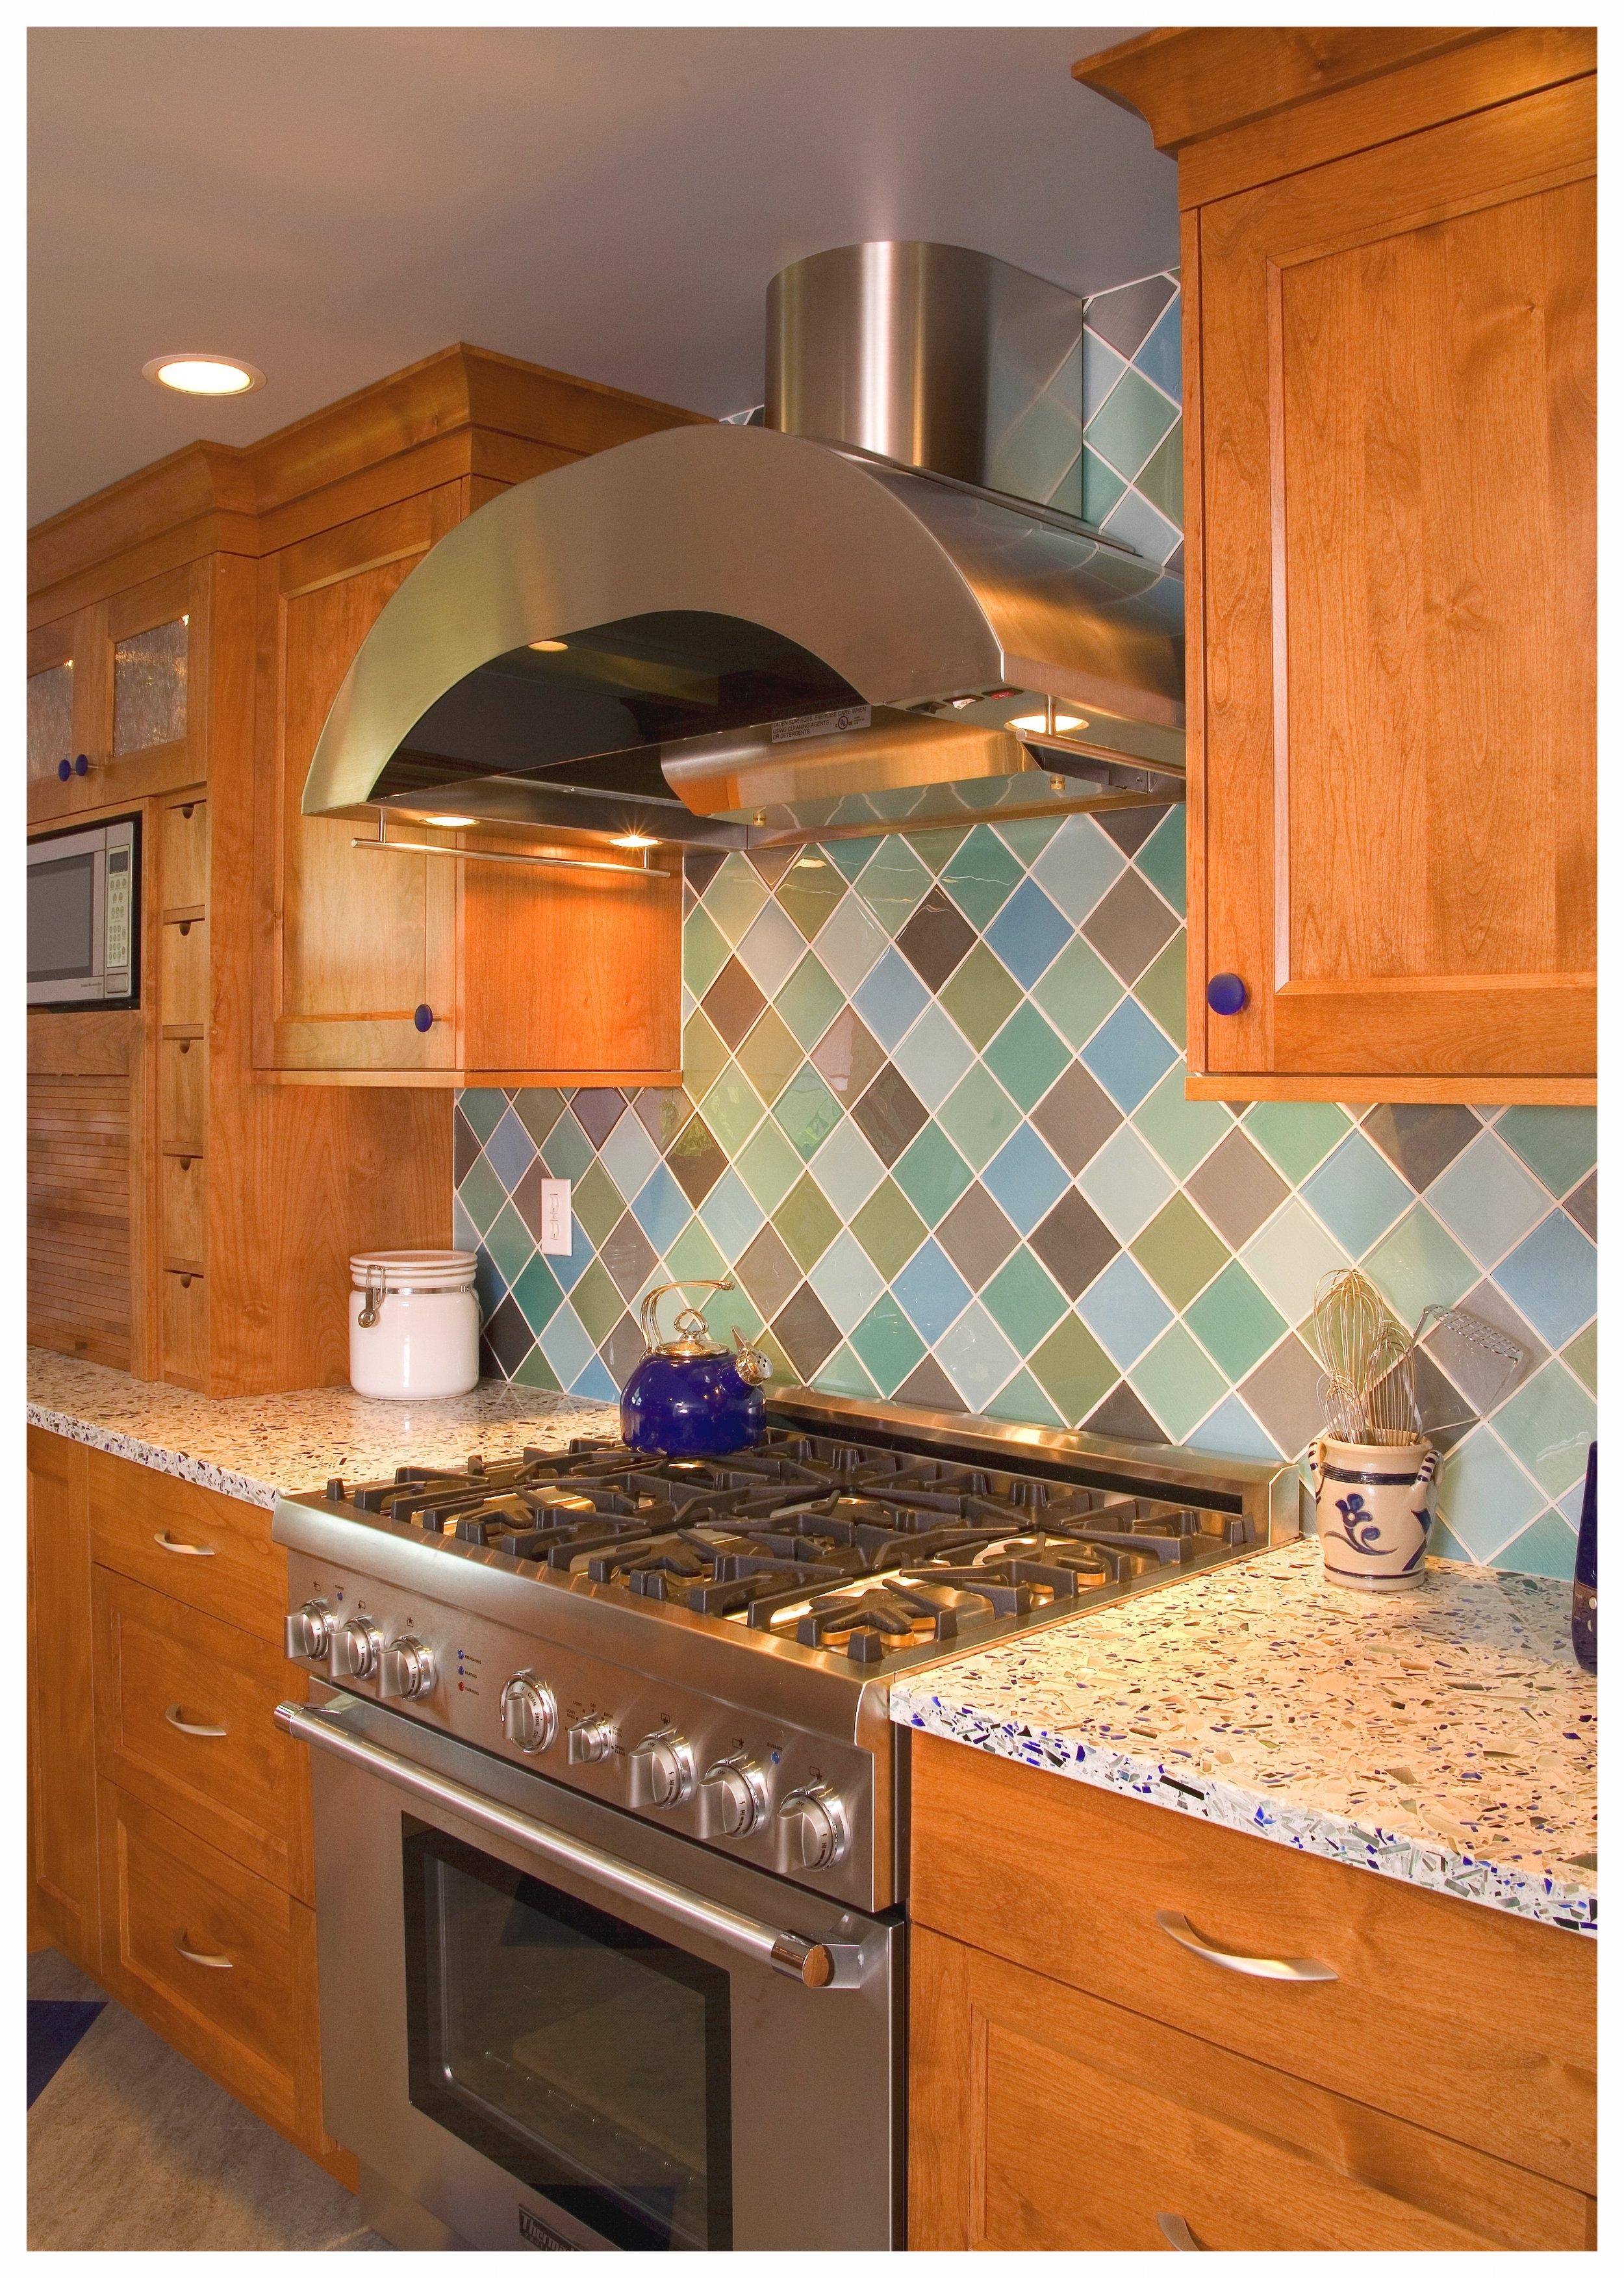 Seattle Sand Point Cottage Kitchen 3.jpg